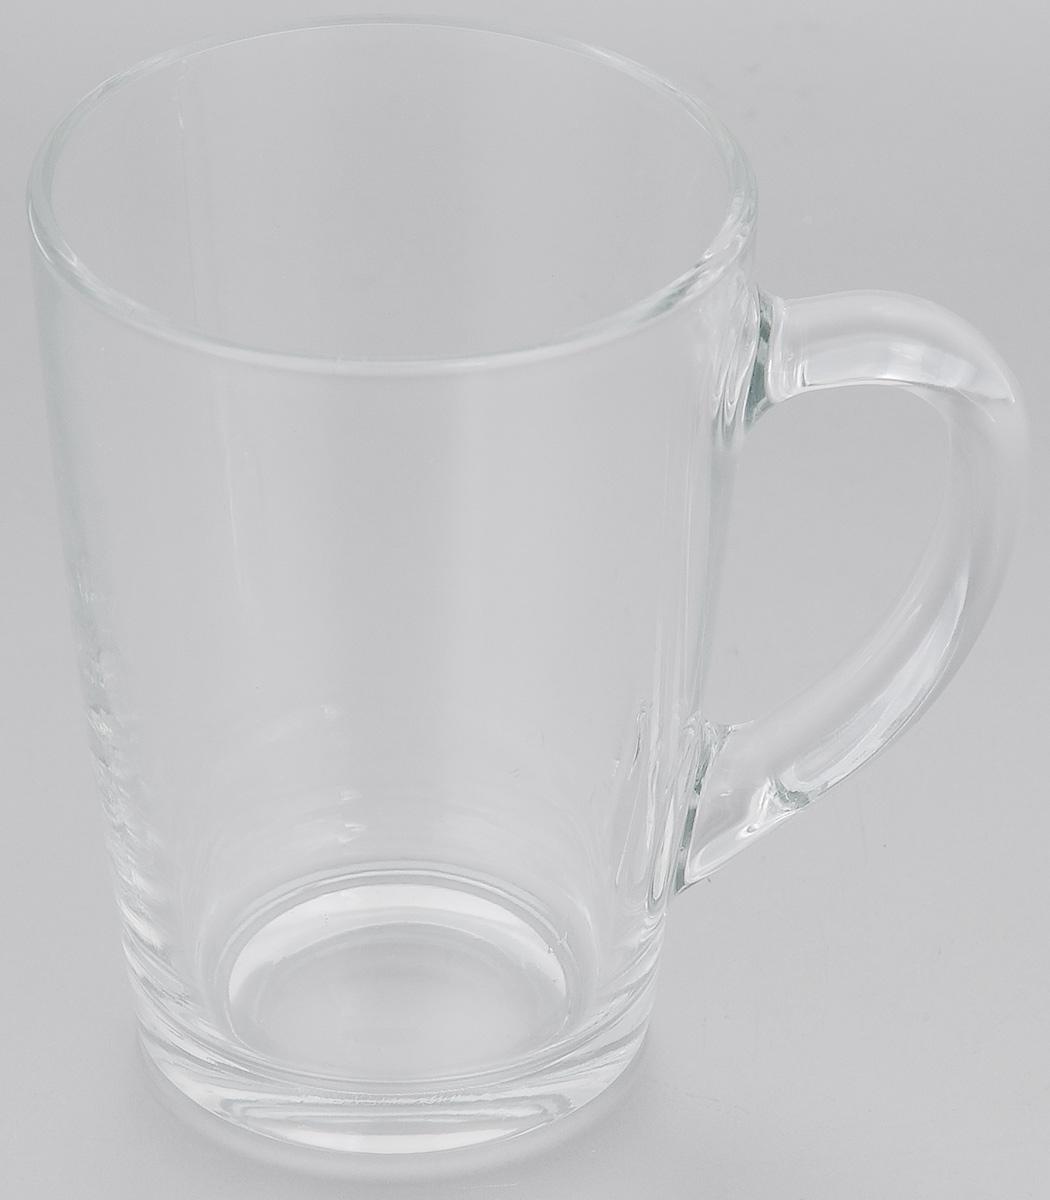 Кружка Luminarc С добрым утром, цвет: прозрачный, 320 мл115510Кружка Luminarc С добрым утром изготовлена из упрочненного стекла. Такая кружка прекрасно подойдет для горячих и холодных напитков. Она дополнит коллекцию вашей кухонной посуды и будет служить долгие годы. Диаметр кружки (по верхнему краю): 8 см.